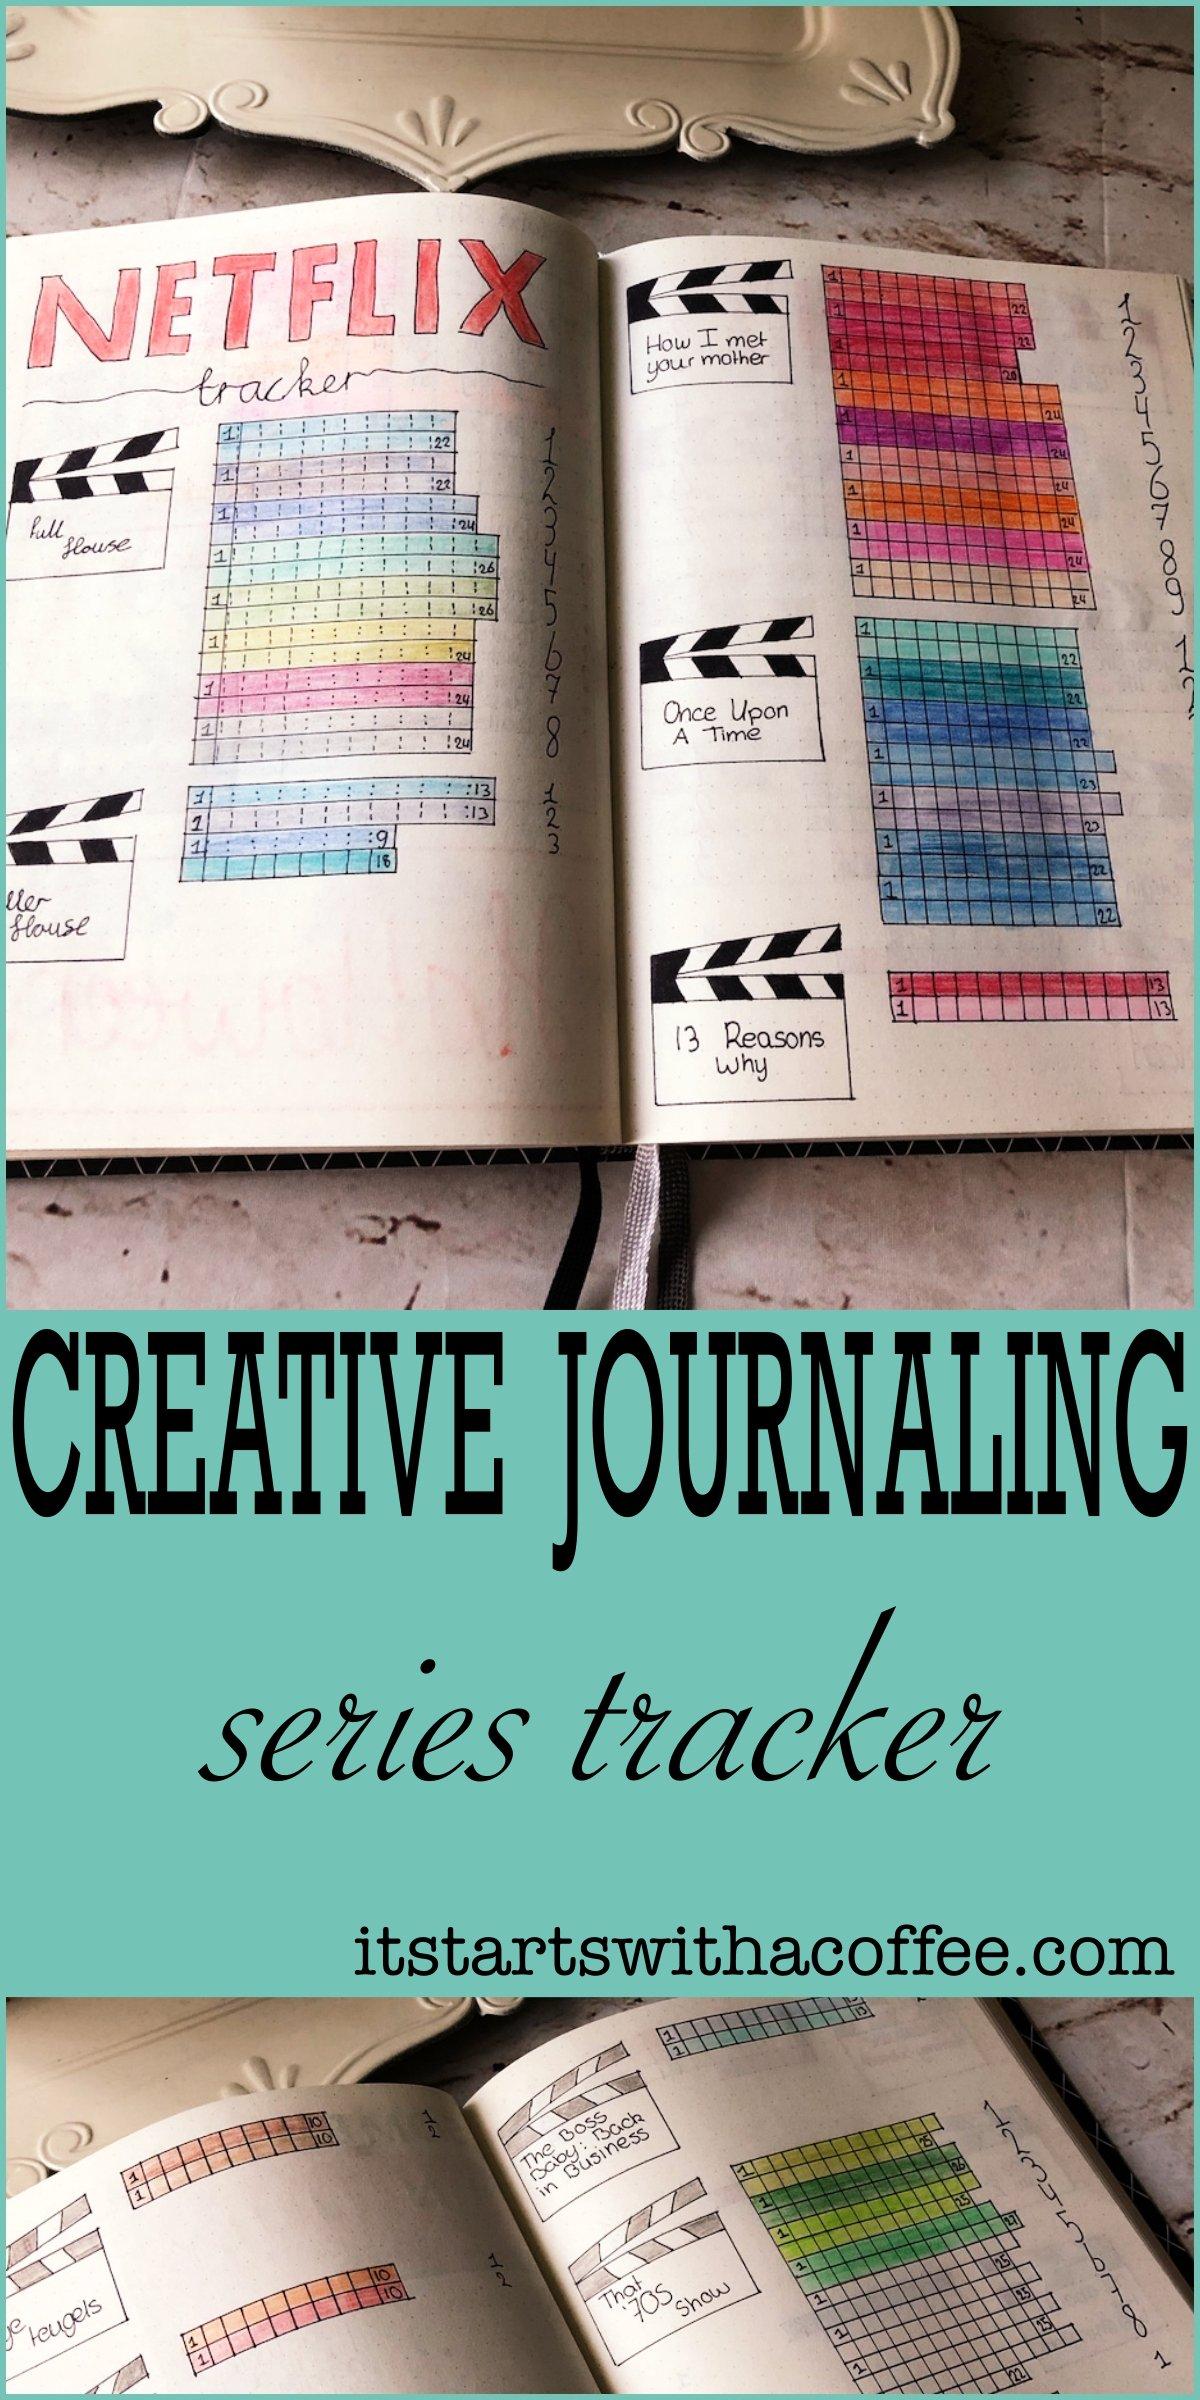 Creative journaling - Series tracker (Netflix) - itstartswithacoffee.com #journaling #creativejournaling #netflix #netflixtracker #seriestracker #tracker